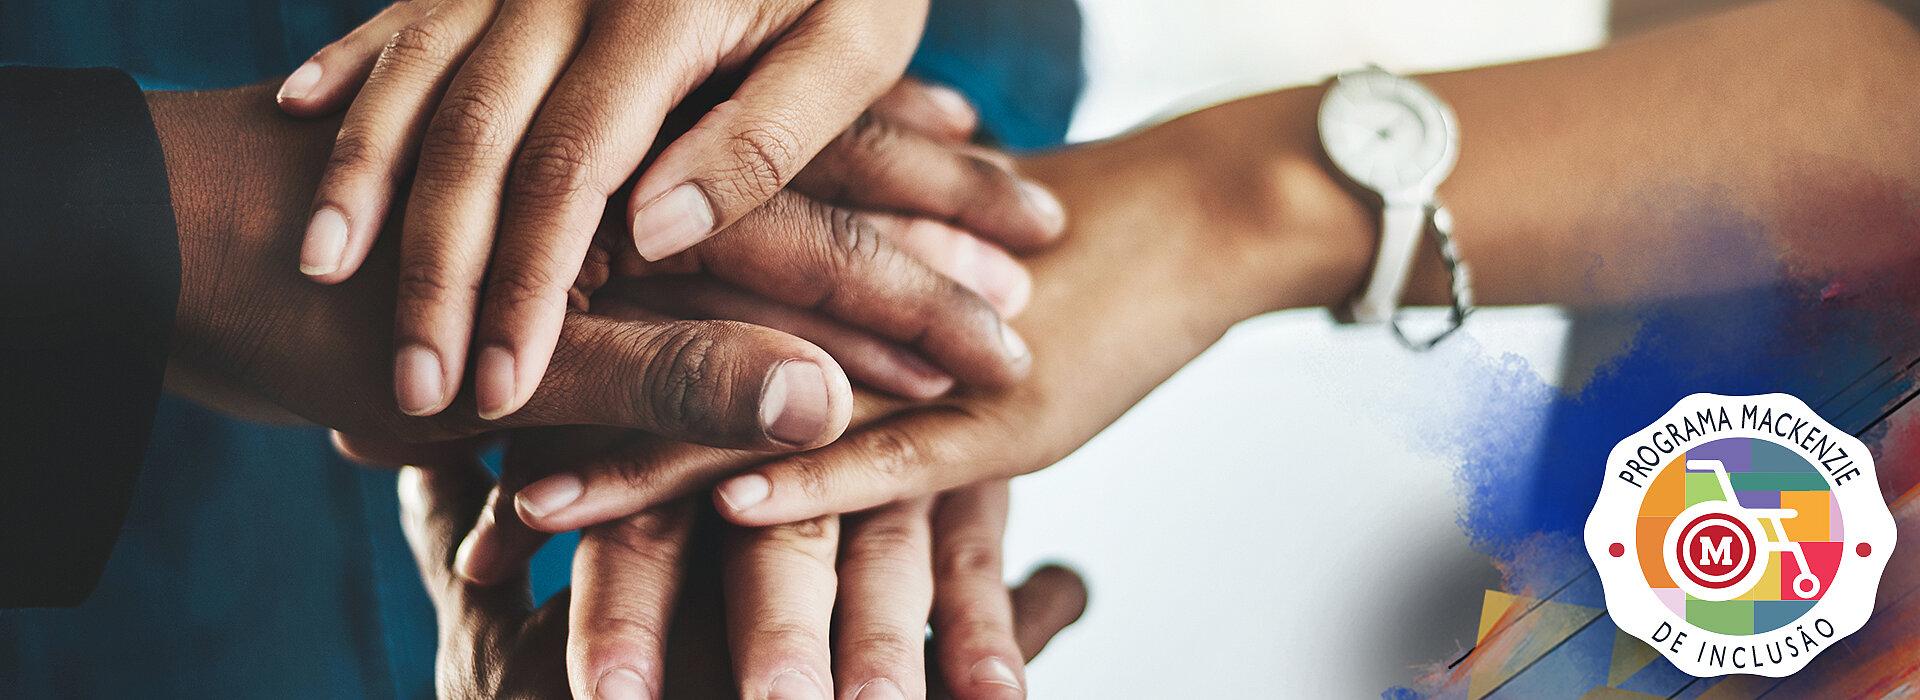 Selo do Programa Mackenzie de Inclusão: contém mãos sobrepostas